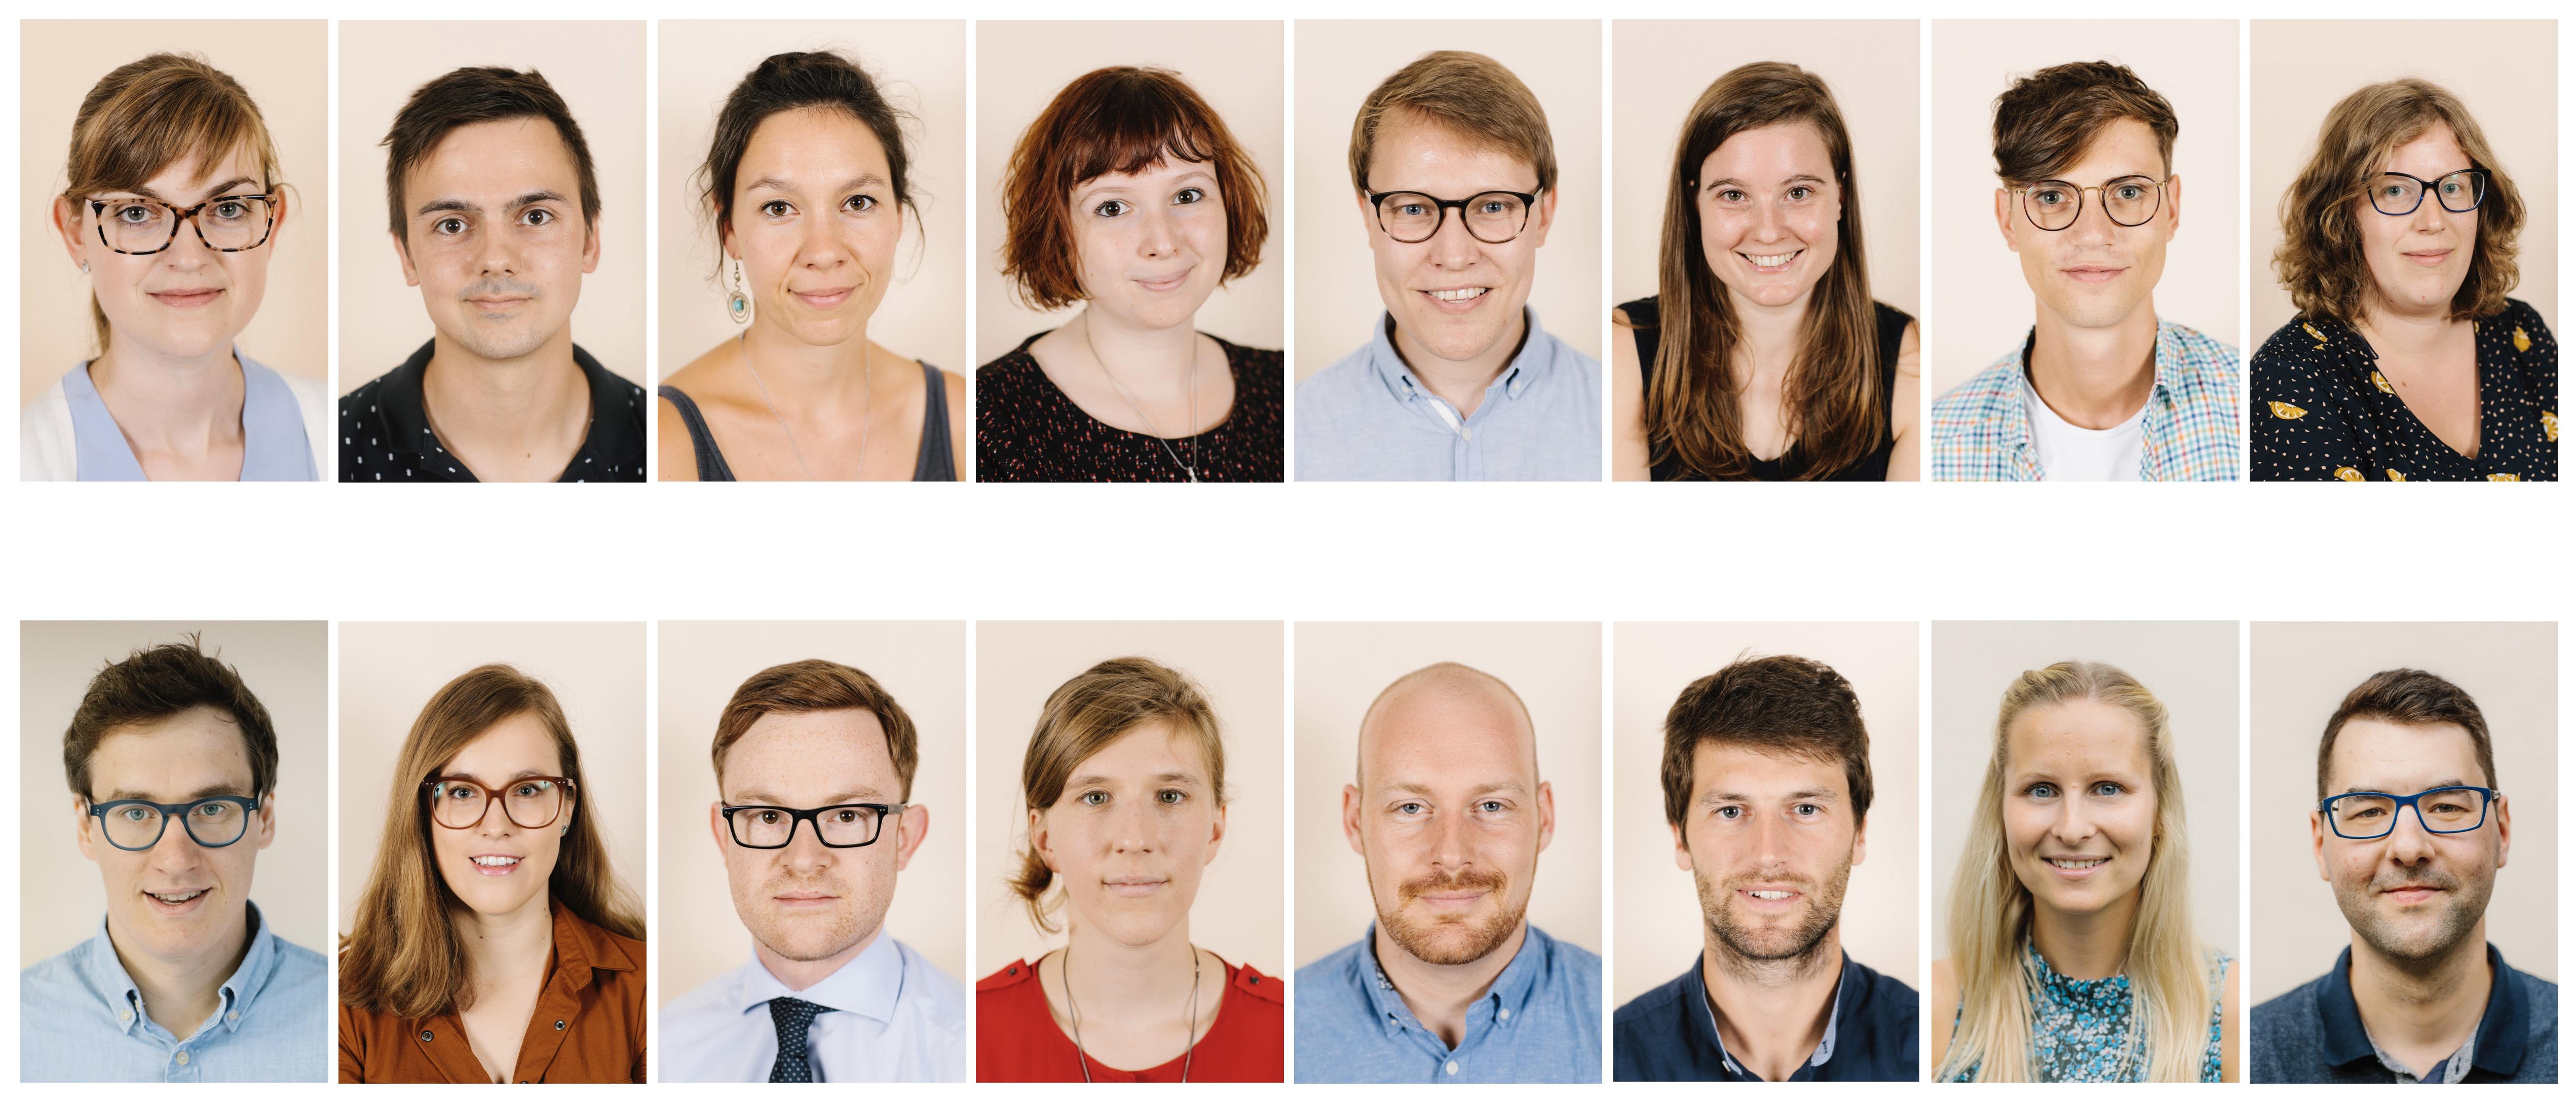 De 16 deelnemers van de Vlaamse PhD Cup 2019